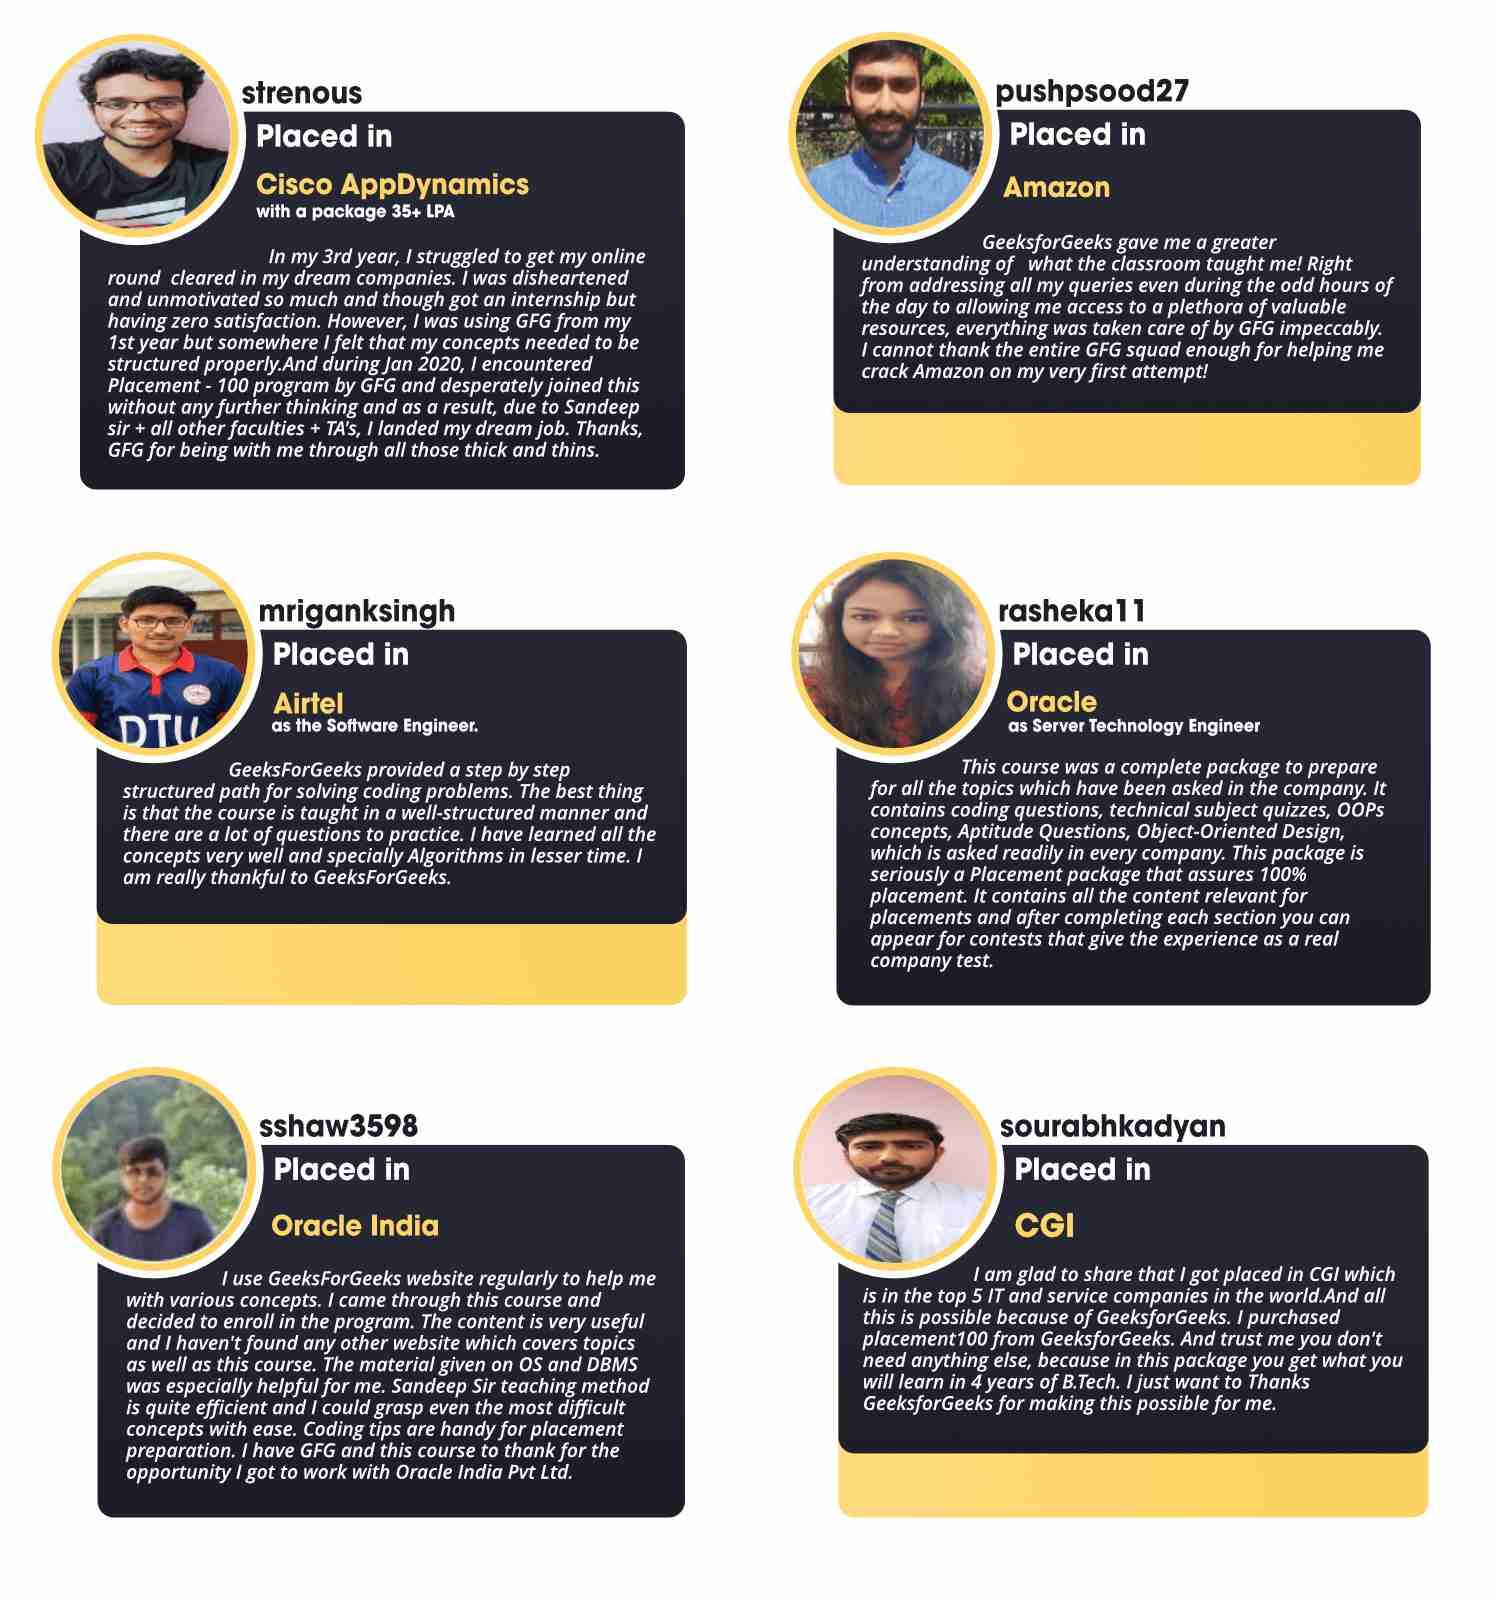 Complete-Interview-Preparation-GeeksforGeeks-Course-Testimonials